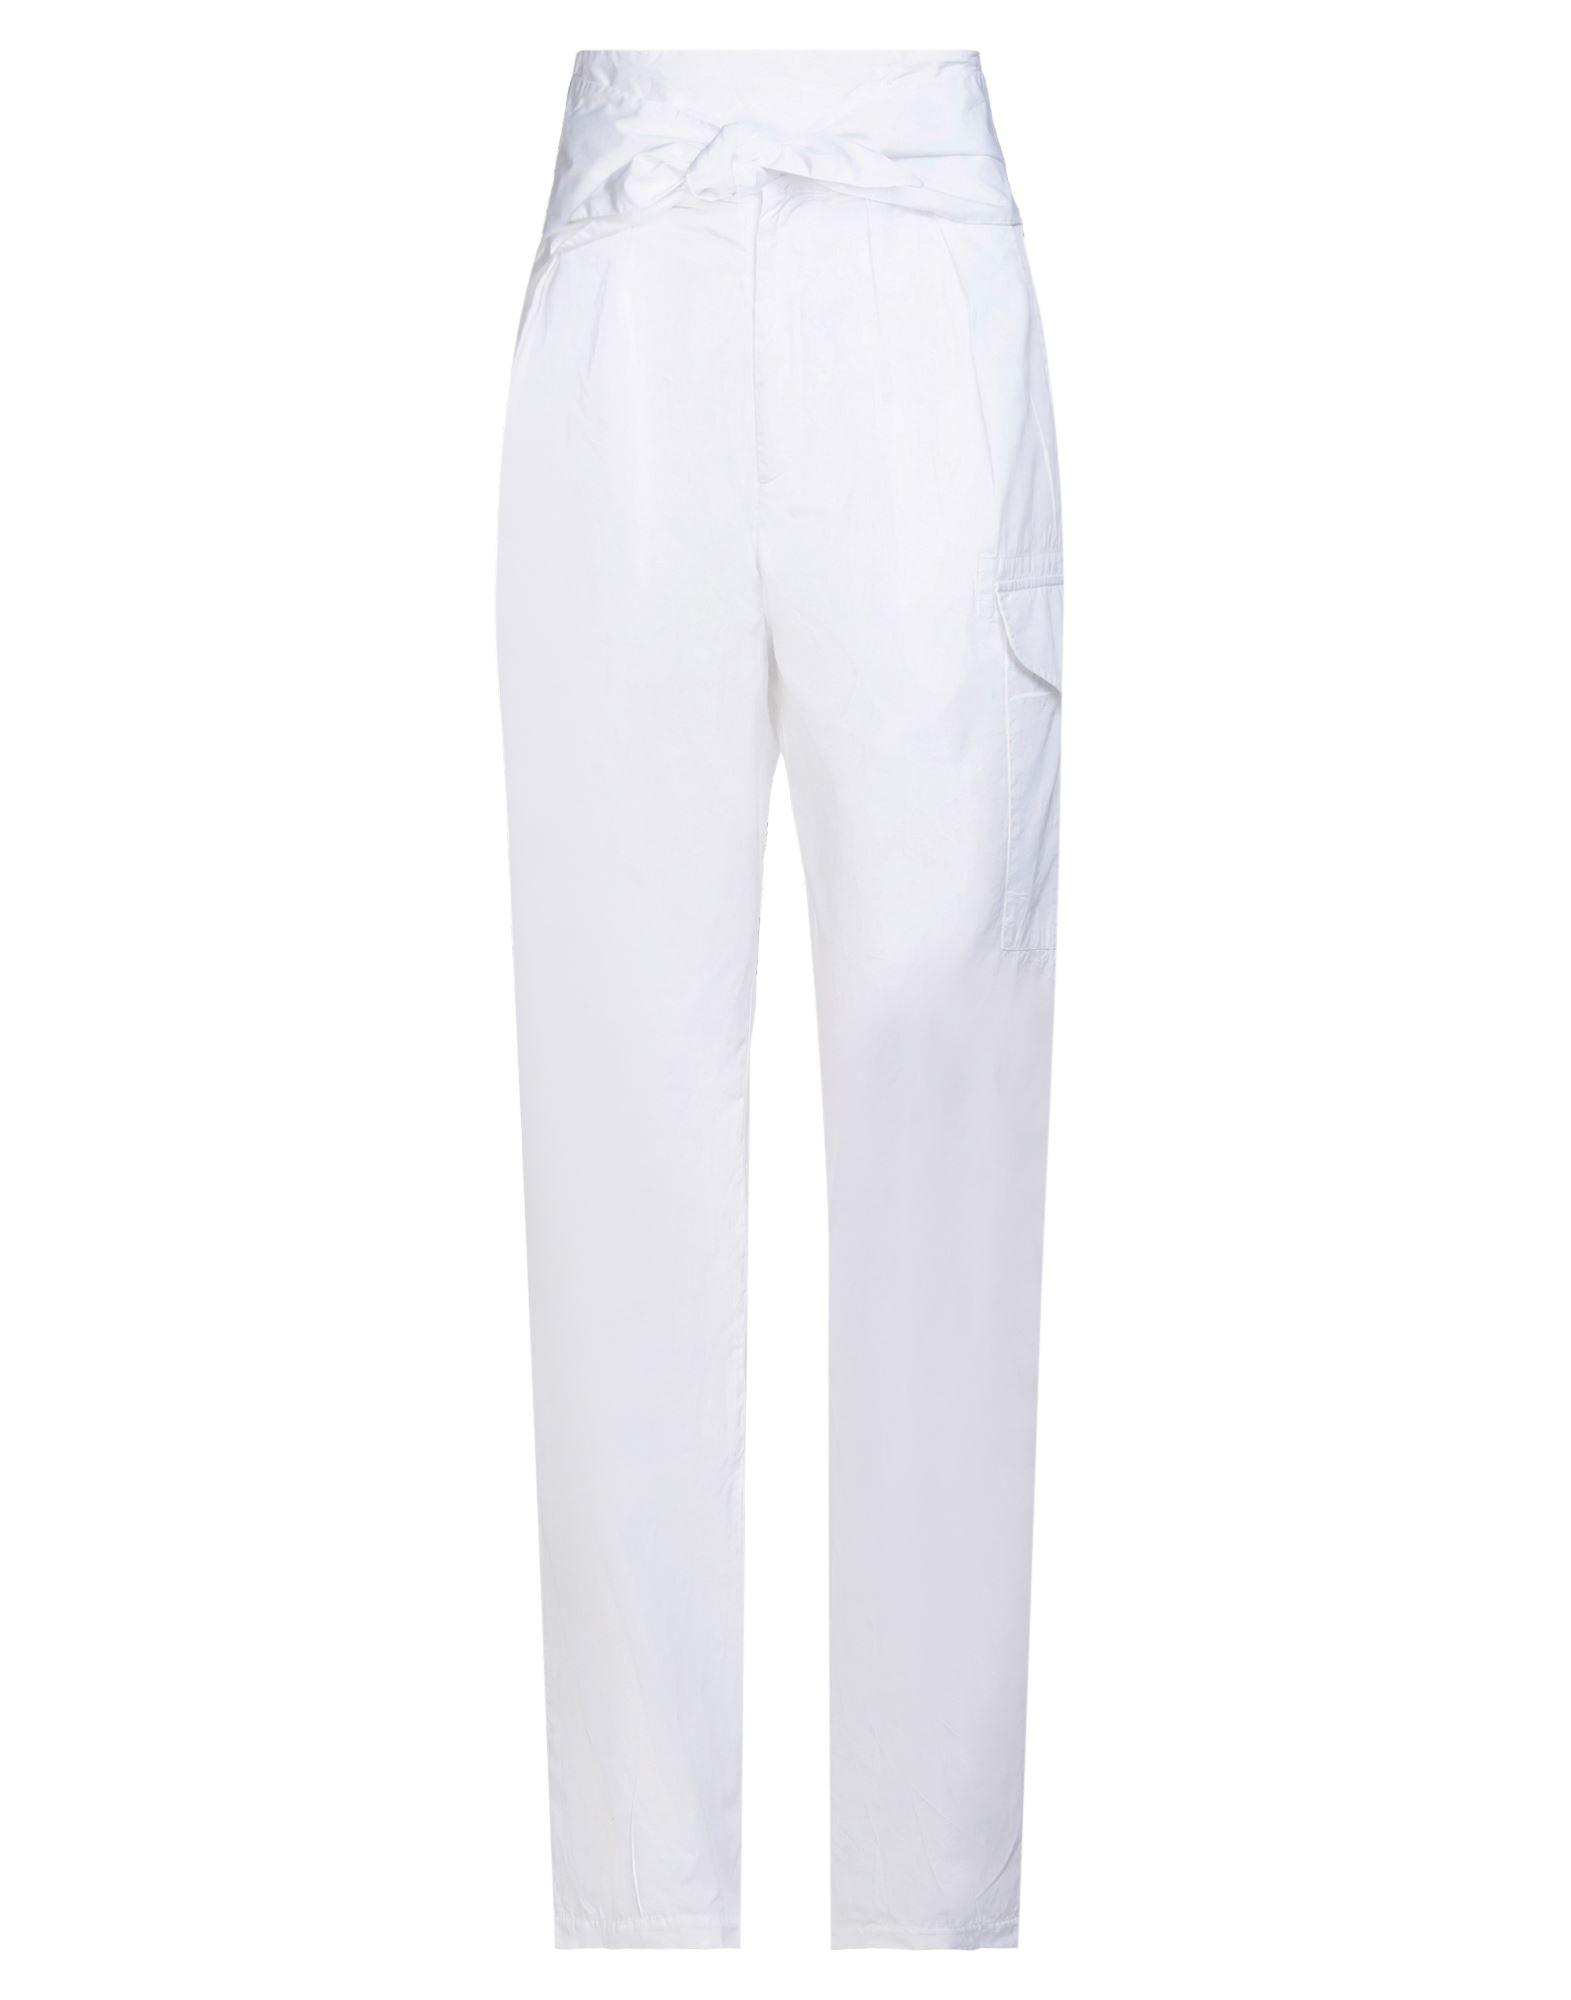 MAURO GRIFONI マウロ グリフォーニ レディース パンツ ホワイト - あんず色